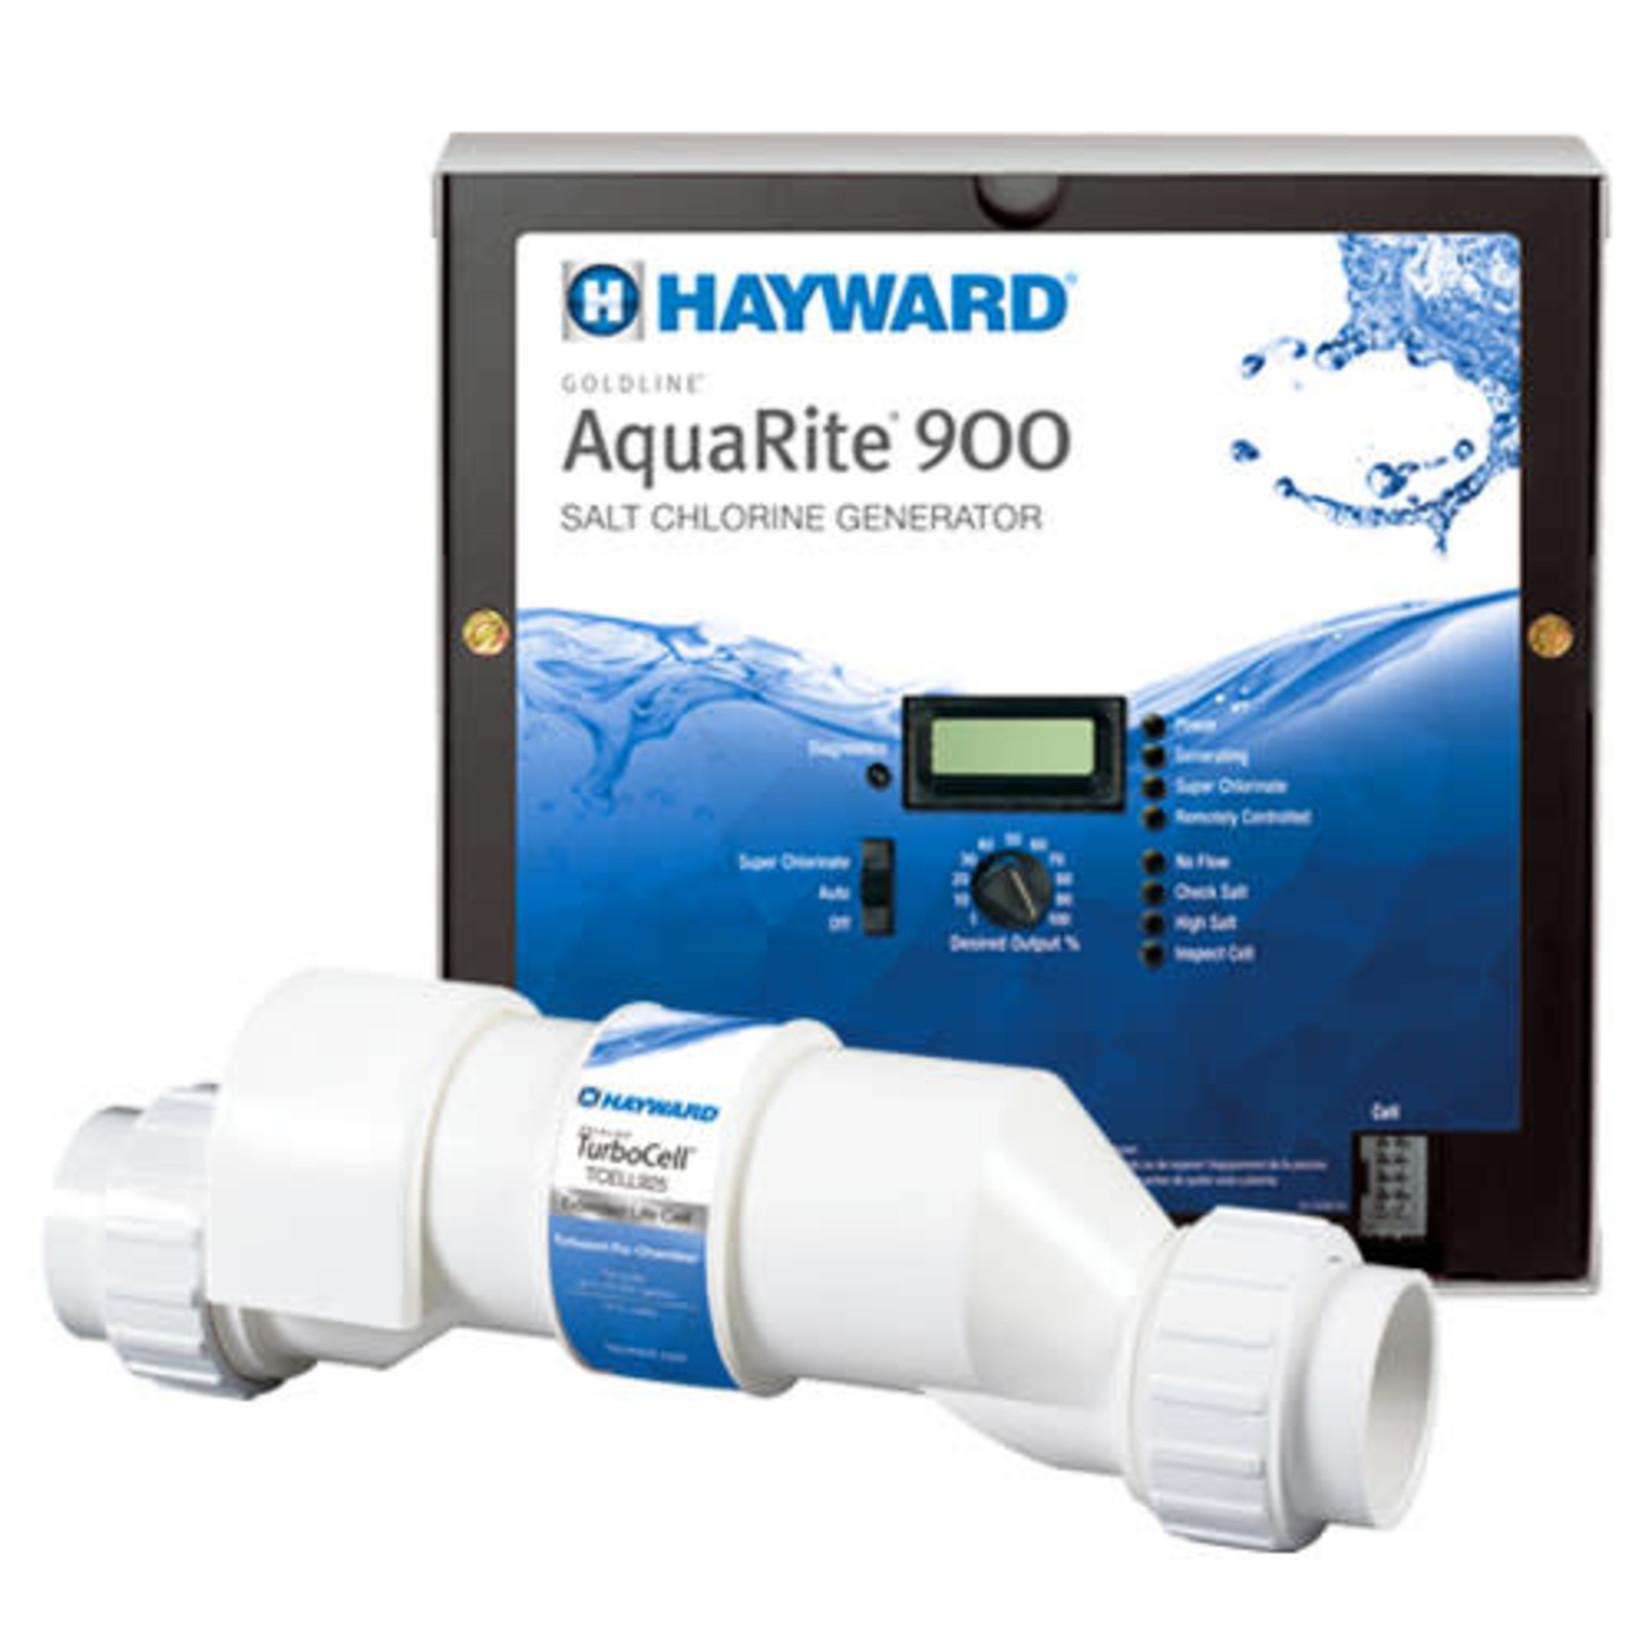 Hayward HAYWARD AQUARITE 940 EXTENDED LIFE SALT SYSTEM 40K